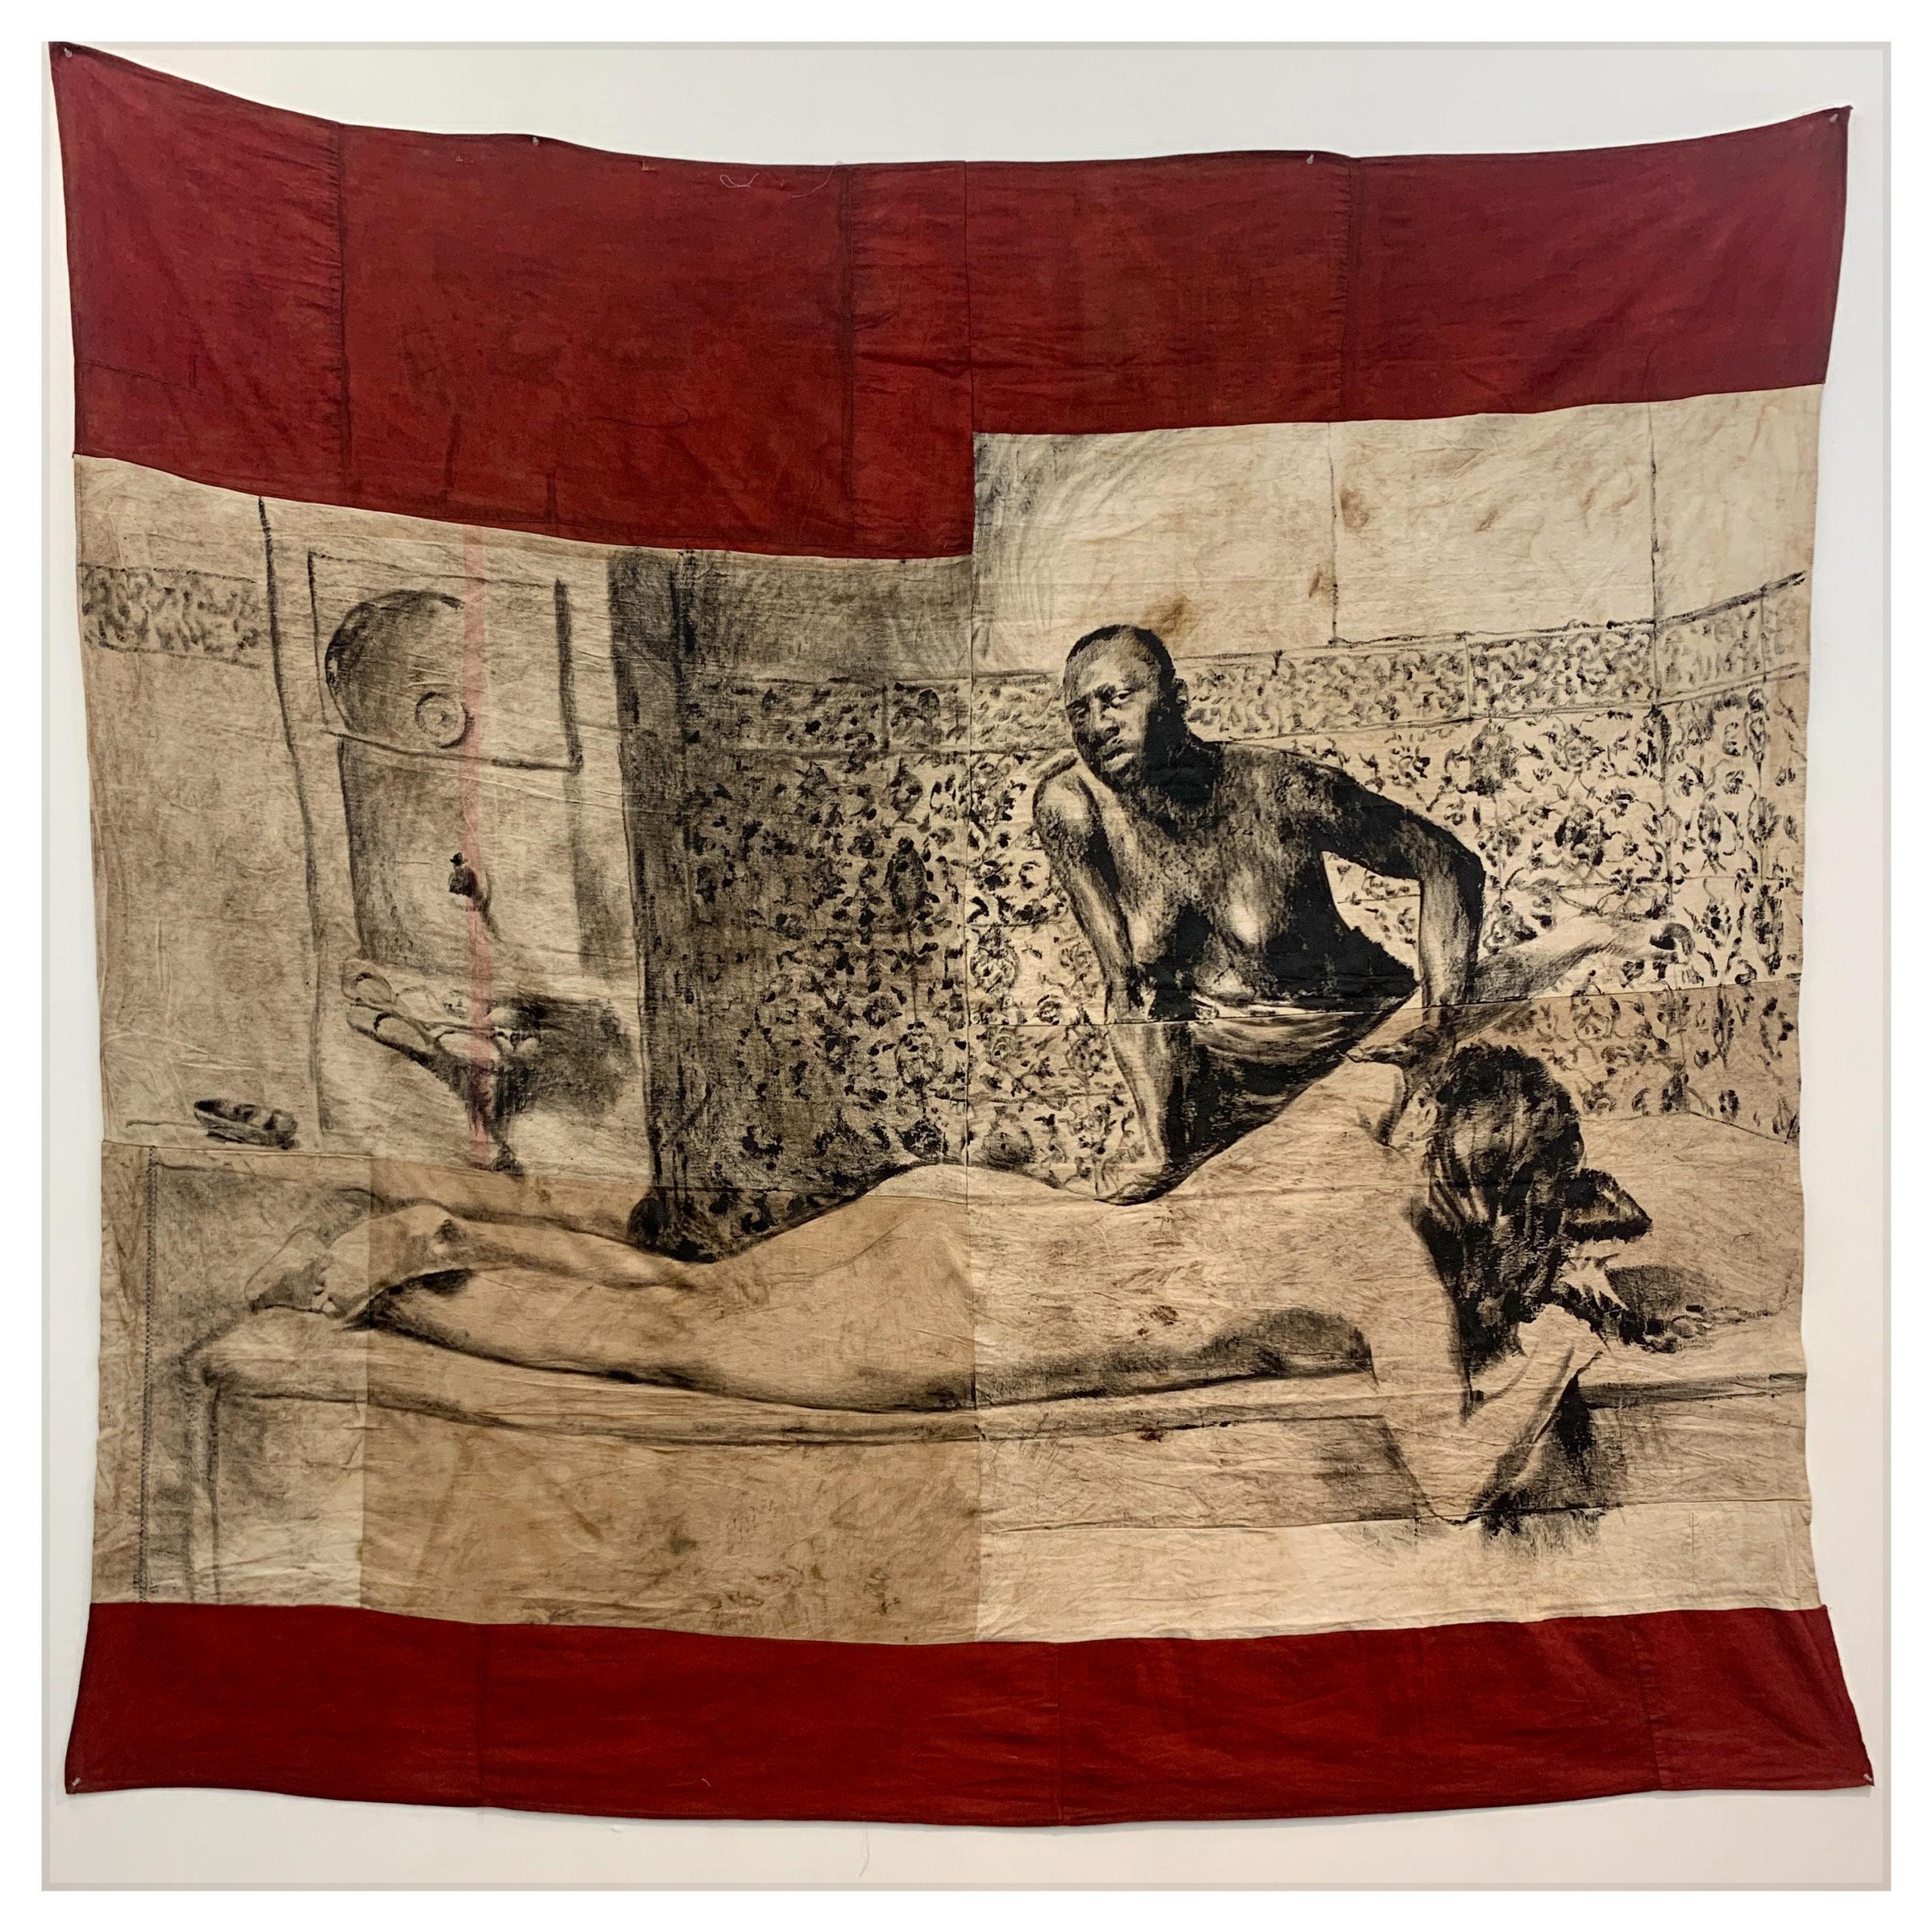 ROMÉO MIVEKANNIN Série Le Modèle Noir, Scène de Hammam, 2020 Acrylique, bains d'élixir sur toile libre. 253 x 270 cm. Collection privée.  Courtesy galerie Eric Dupont, Paris.